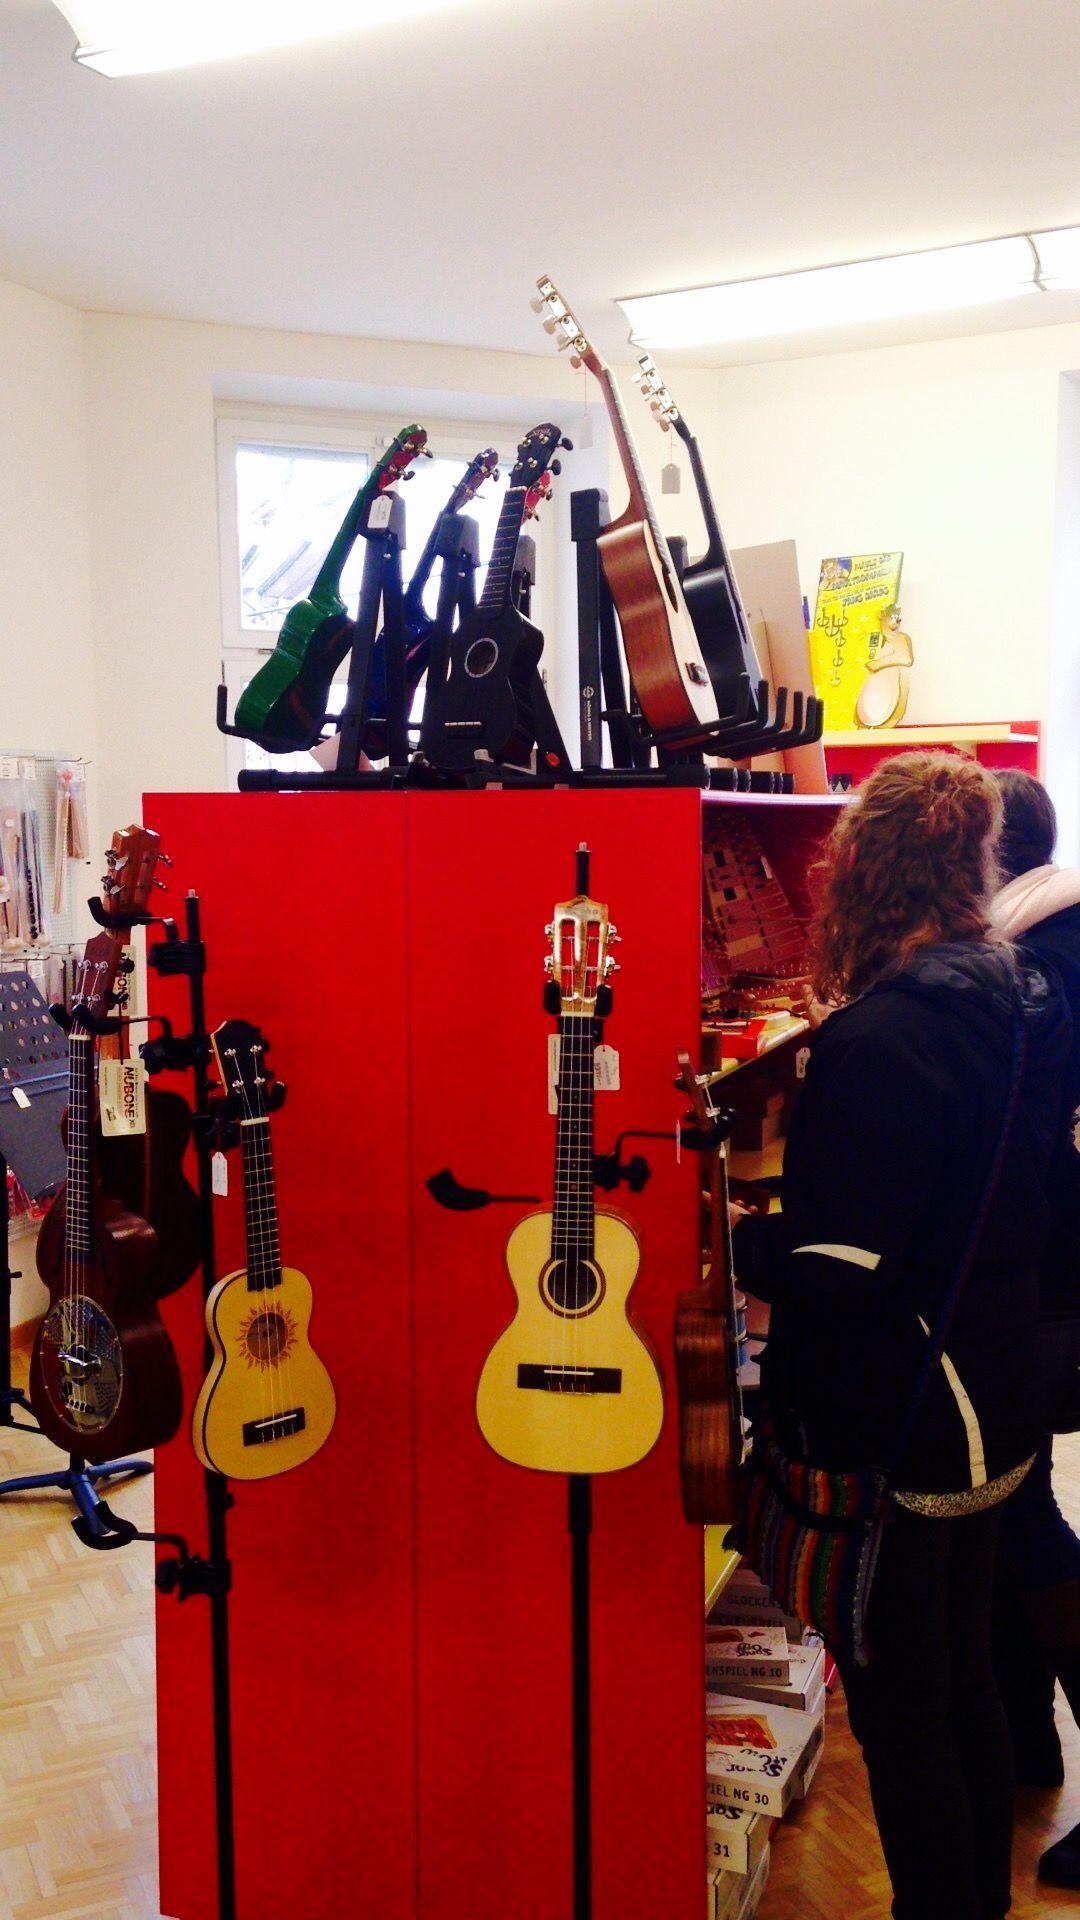 Music store perusing